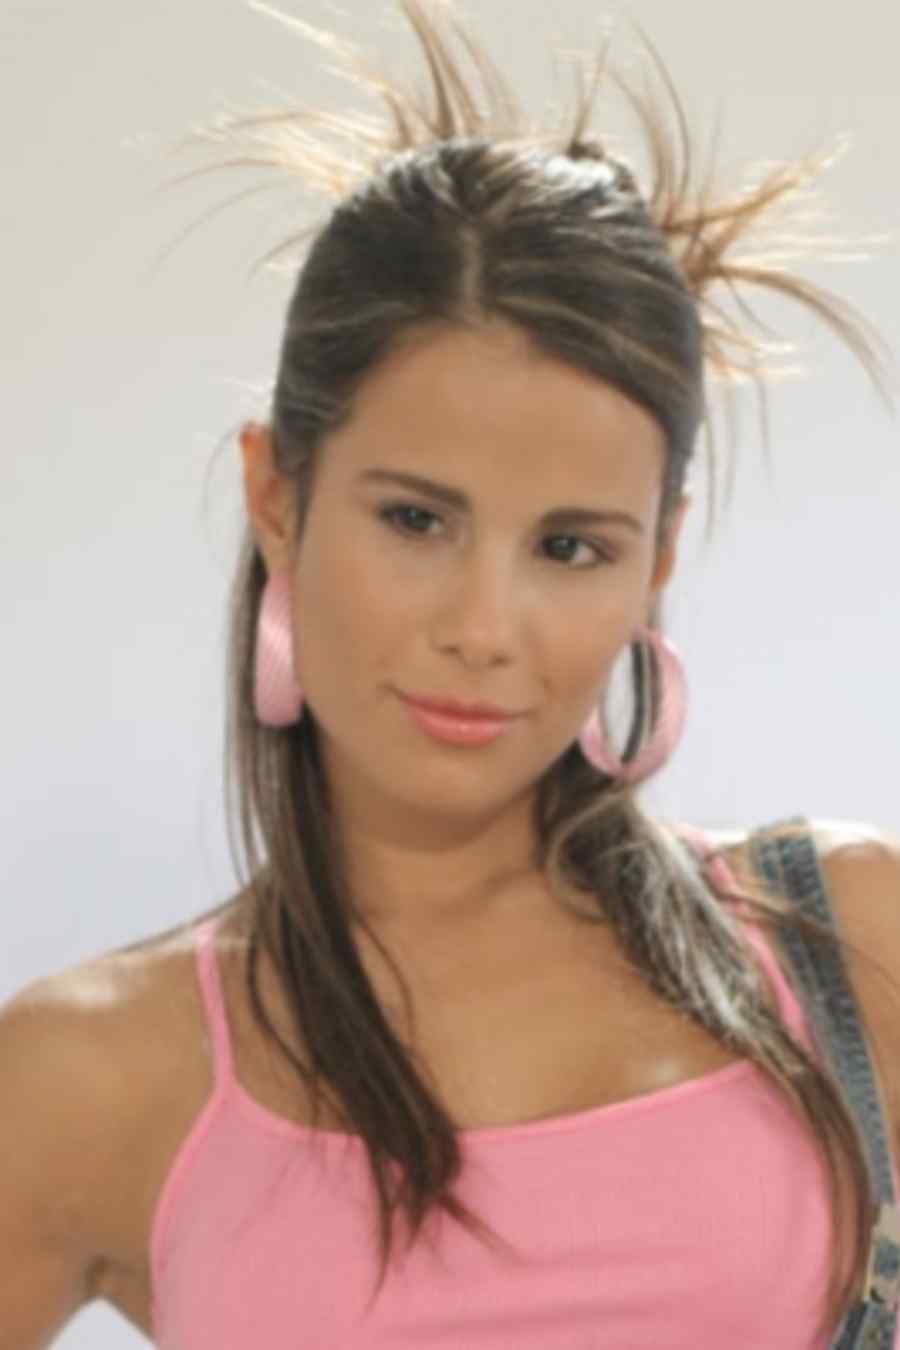 Niñas Malas Porn entradas de blog - citas romanticas para adultos en aragon